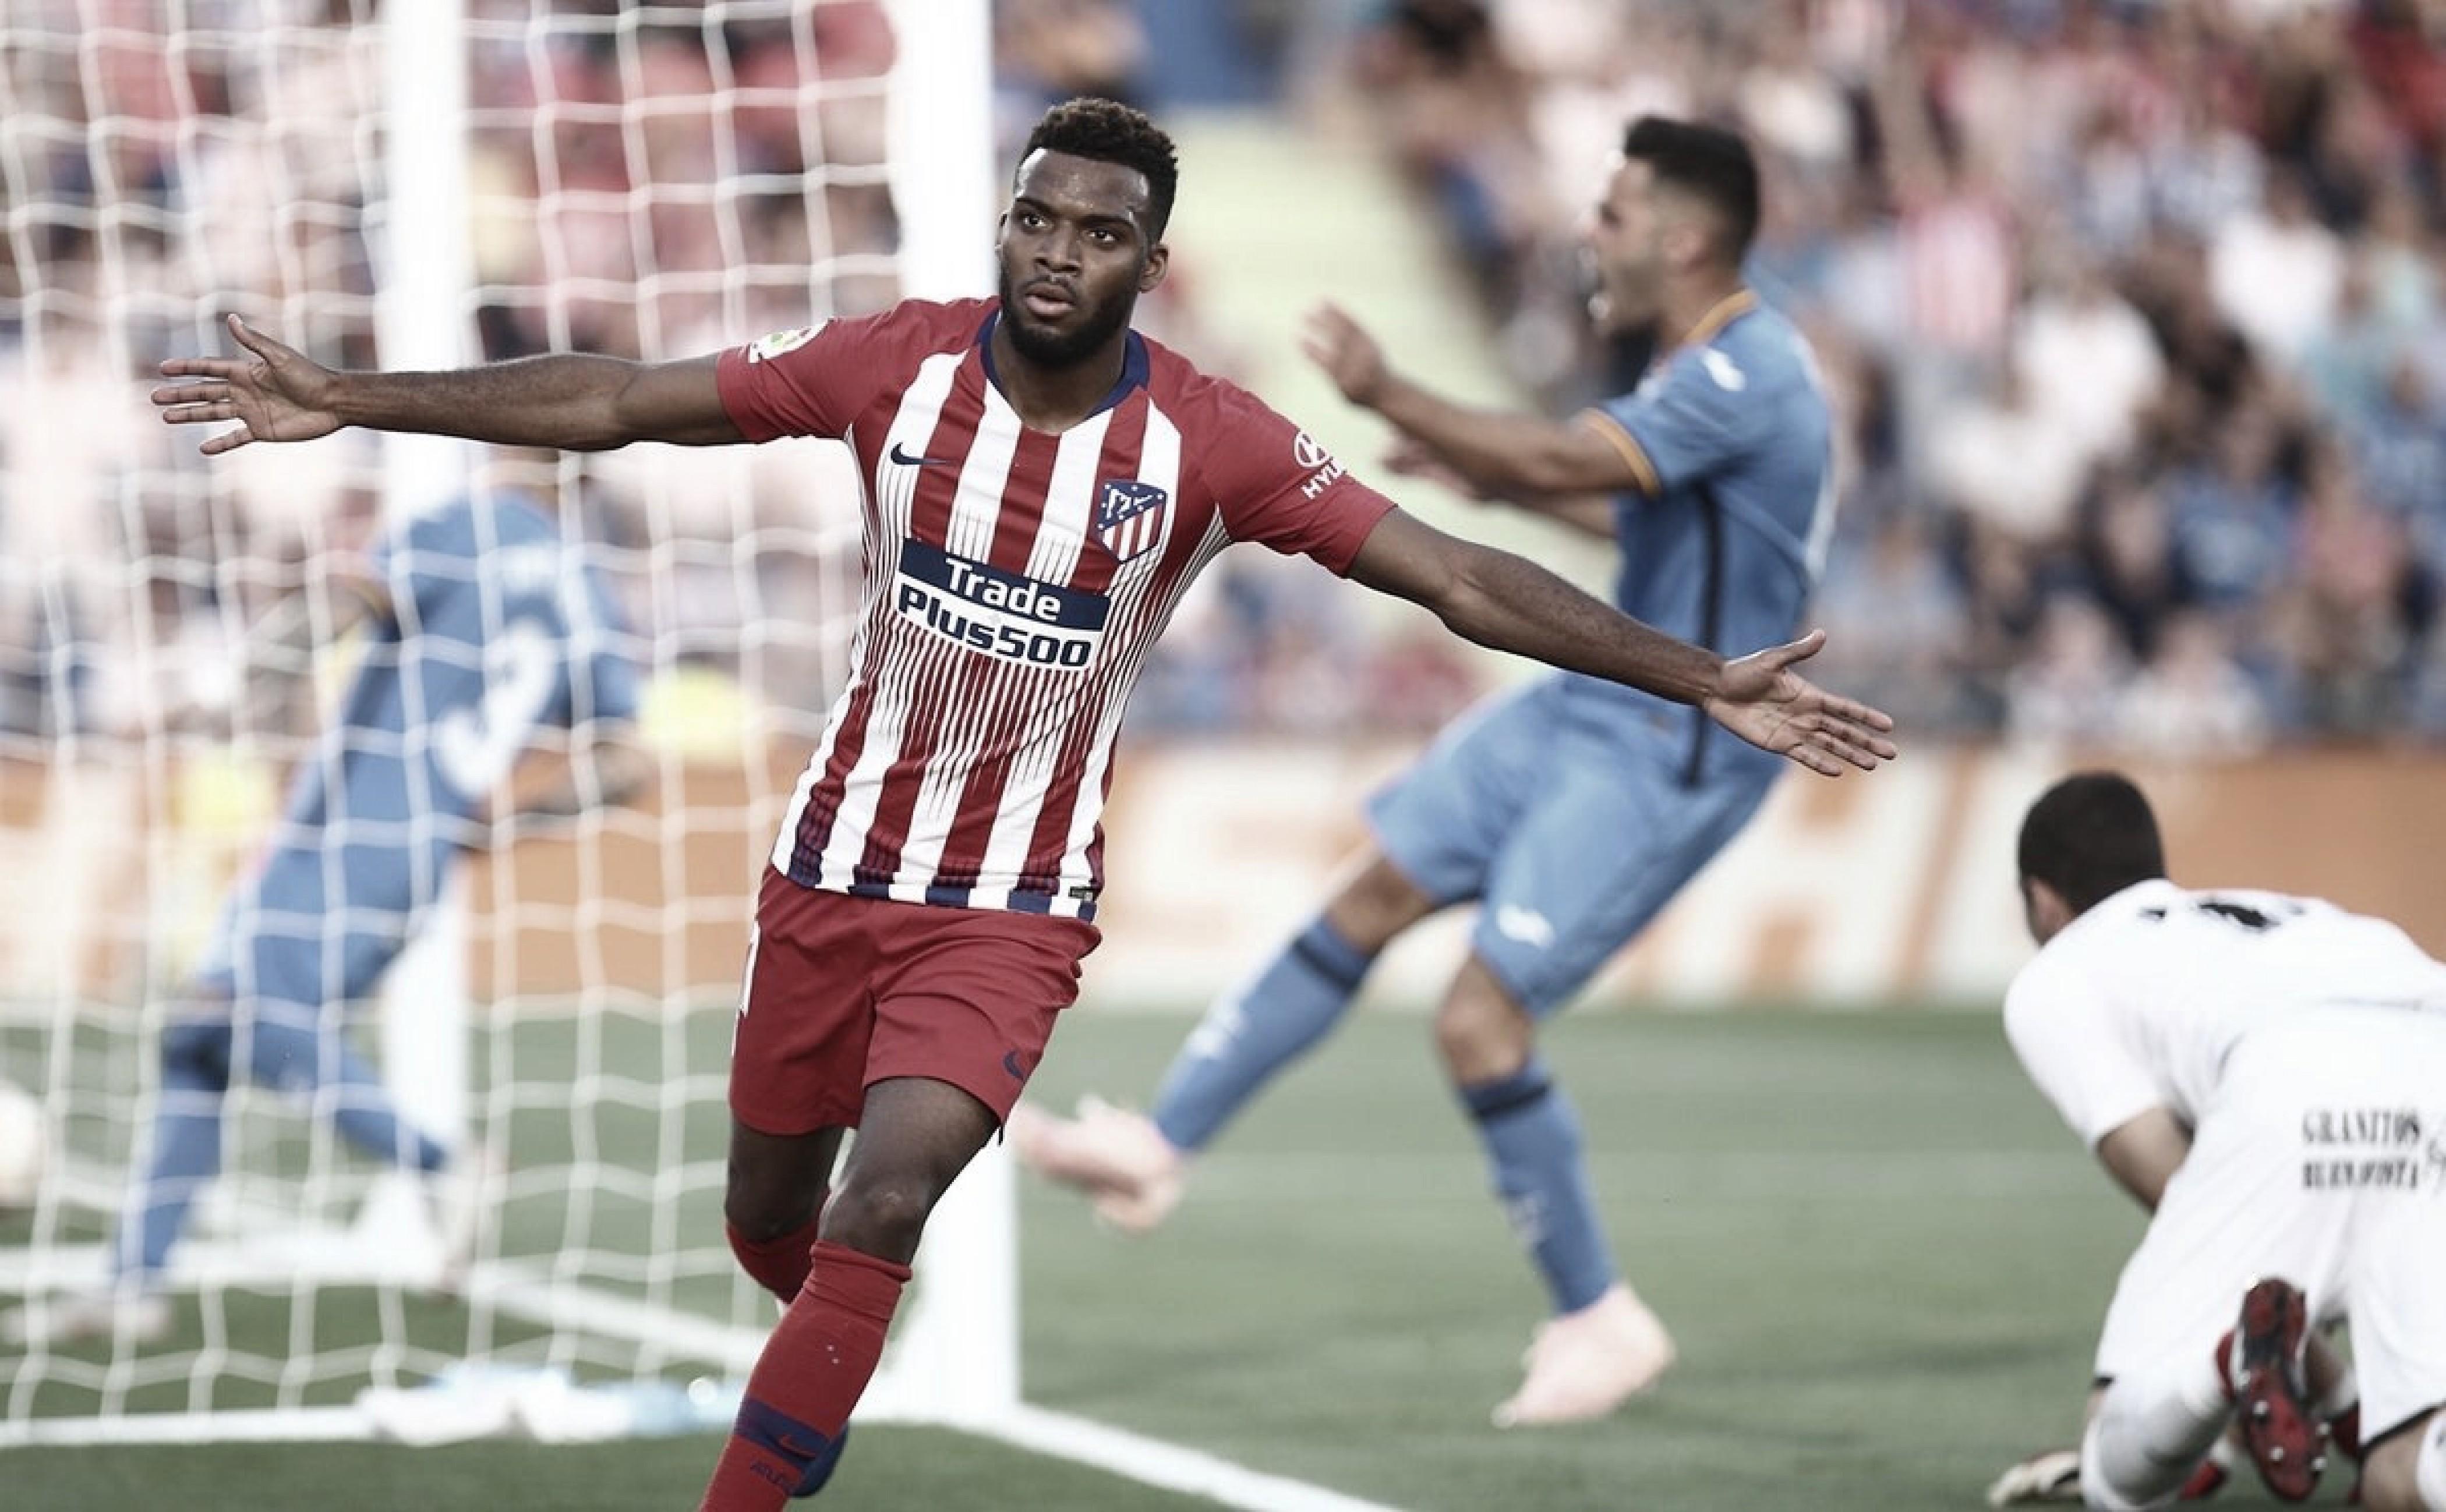 Atlético de Madrid bate Getafe fora de casa e consegue sua segunda vitória na La Liga